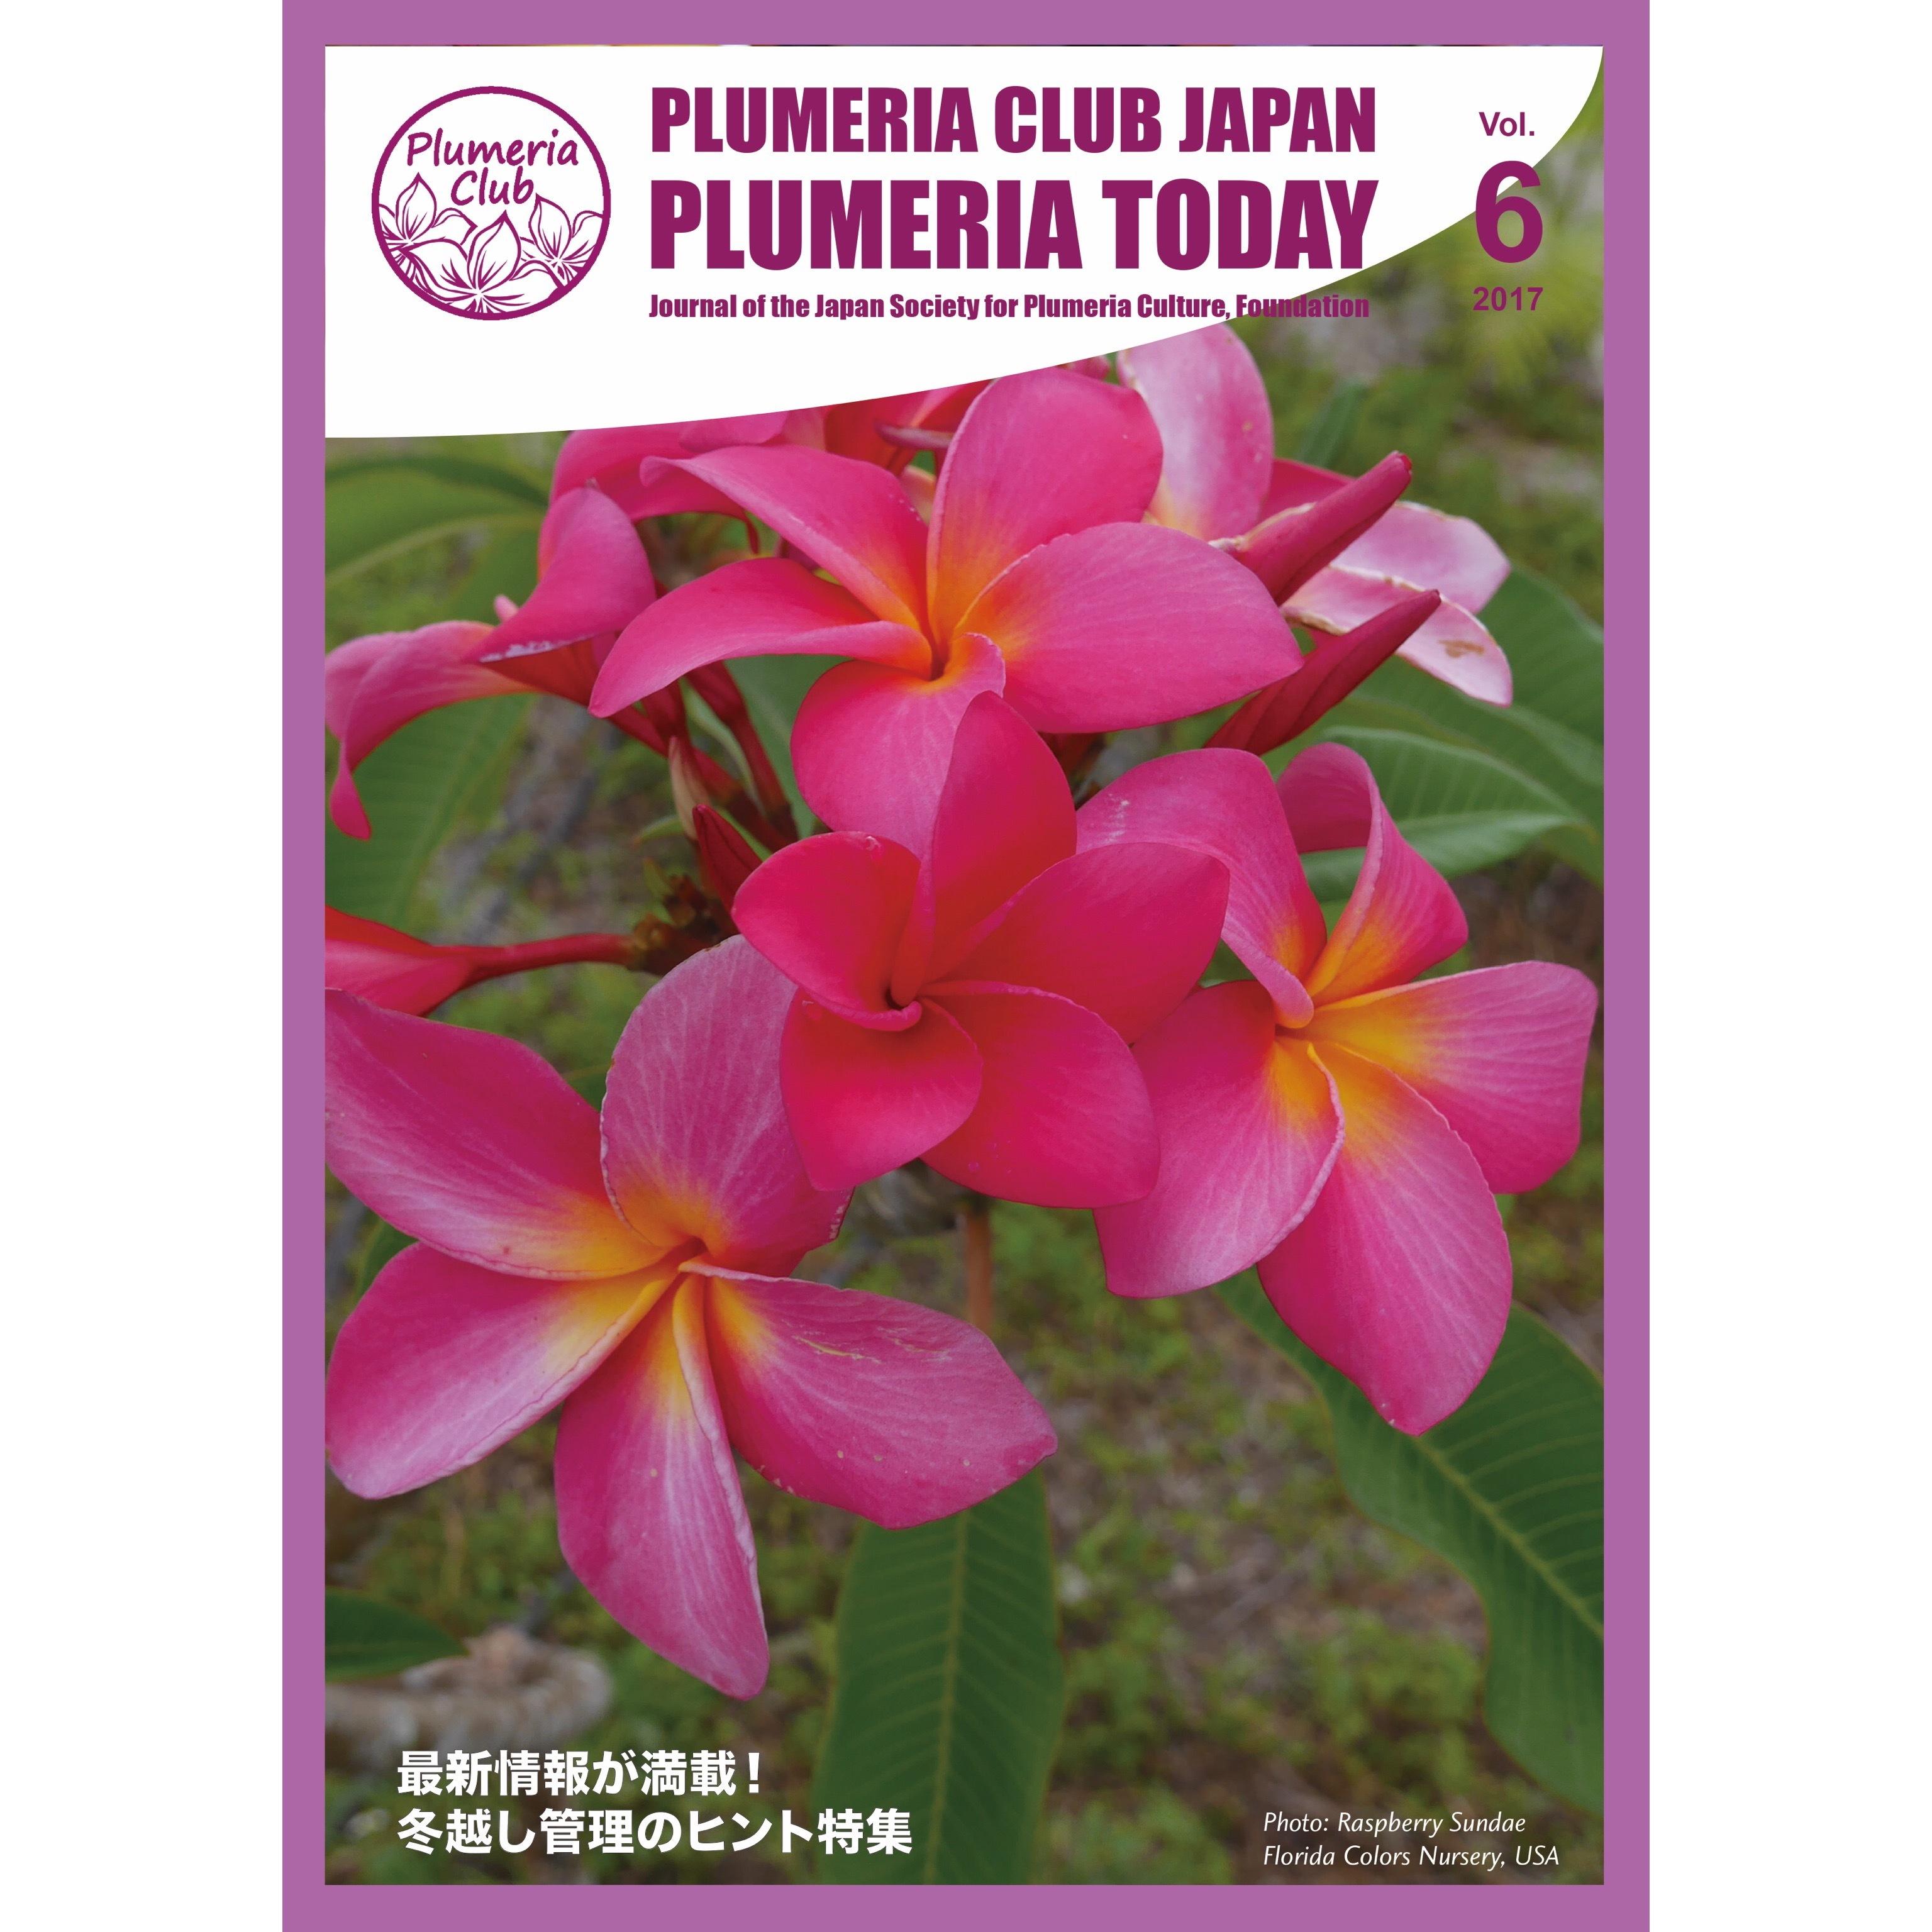 プルメリア情報誌「Plumeria Today」 VOL.6 (冬越し管理のヒント特集)